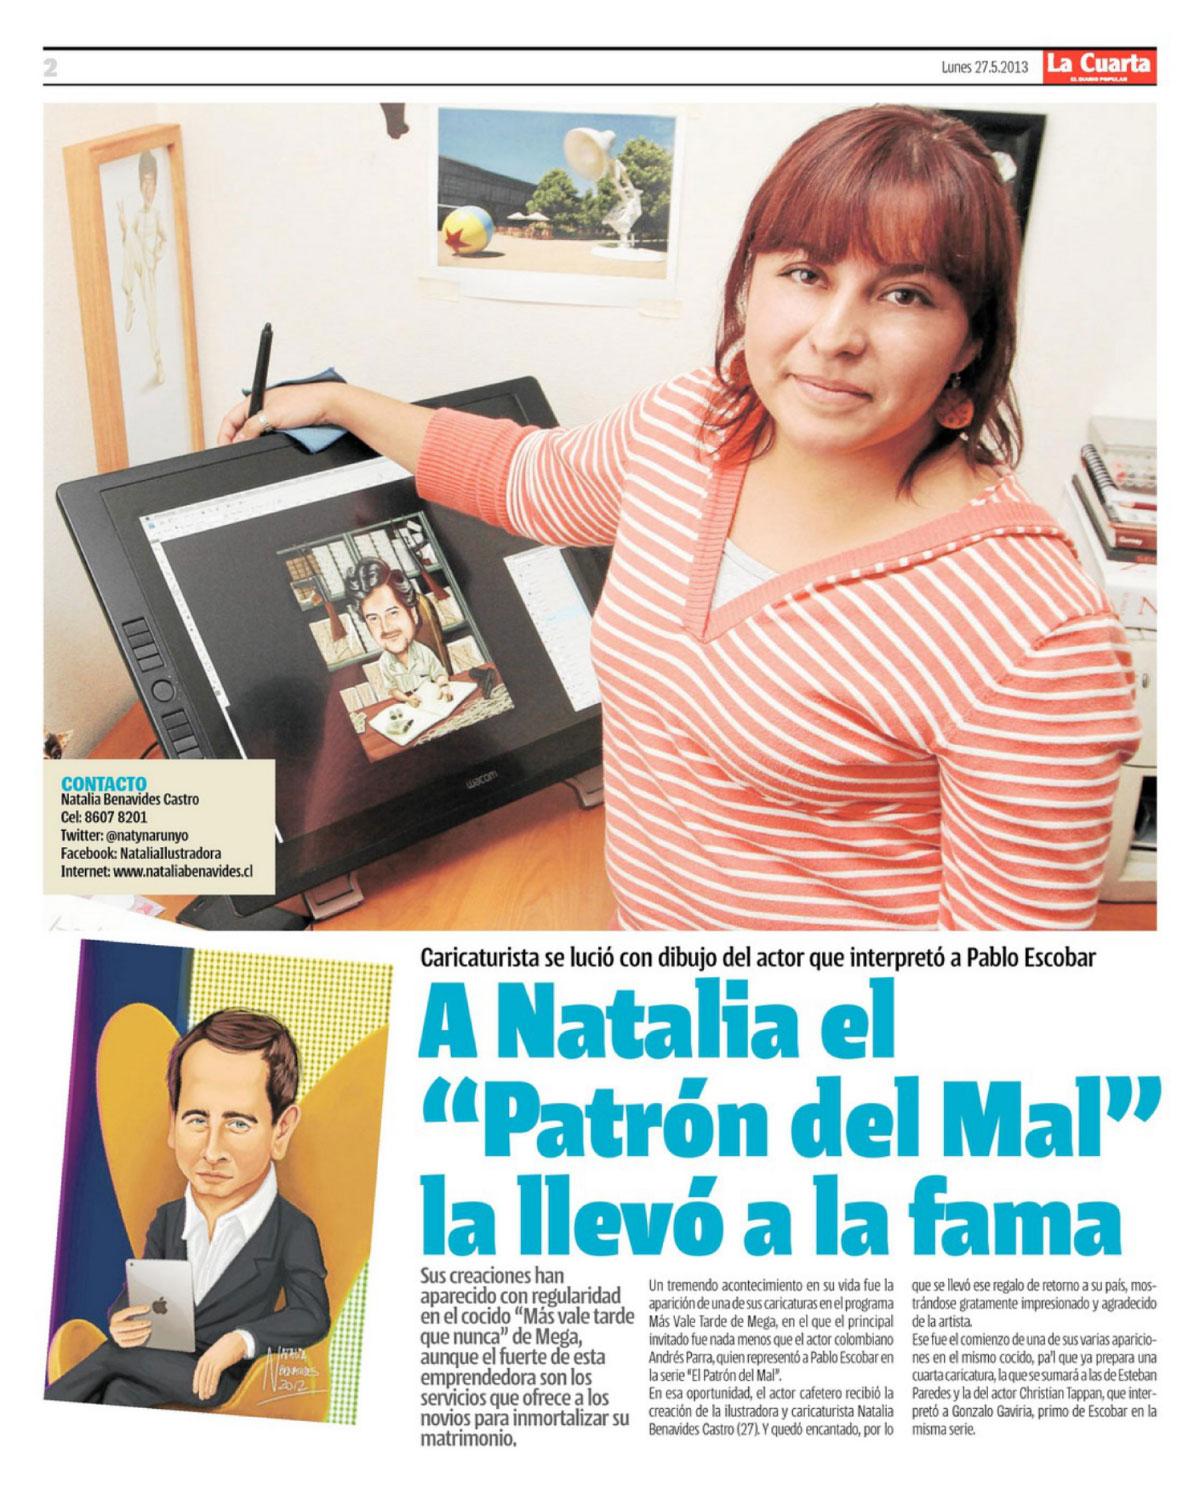 Mi primera entrevista, y para el diario La Cuarta! | Natalia ...